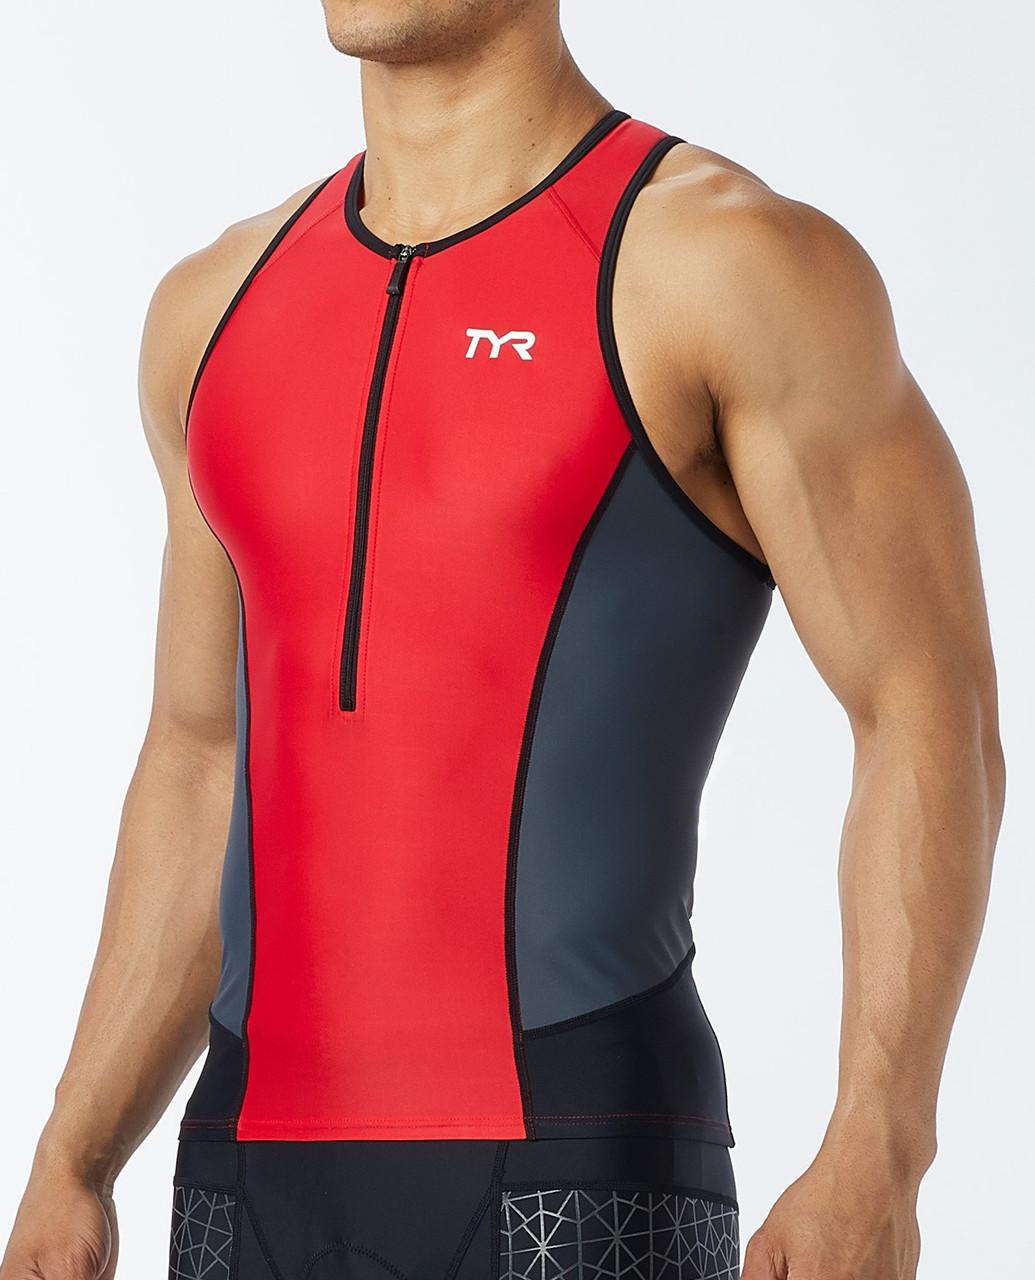 Раздельный трисьют TYR Men's Competitor Tri Suit 612